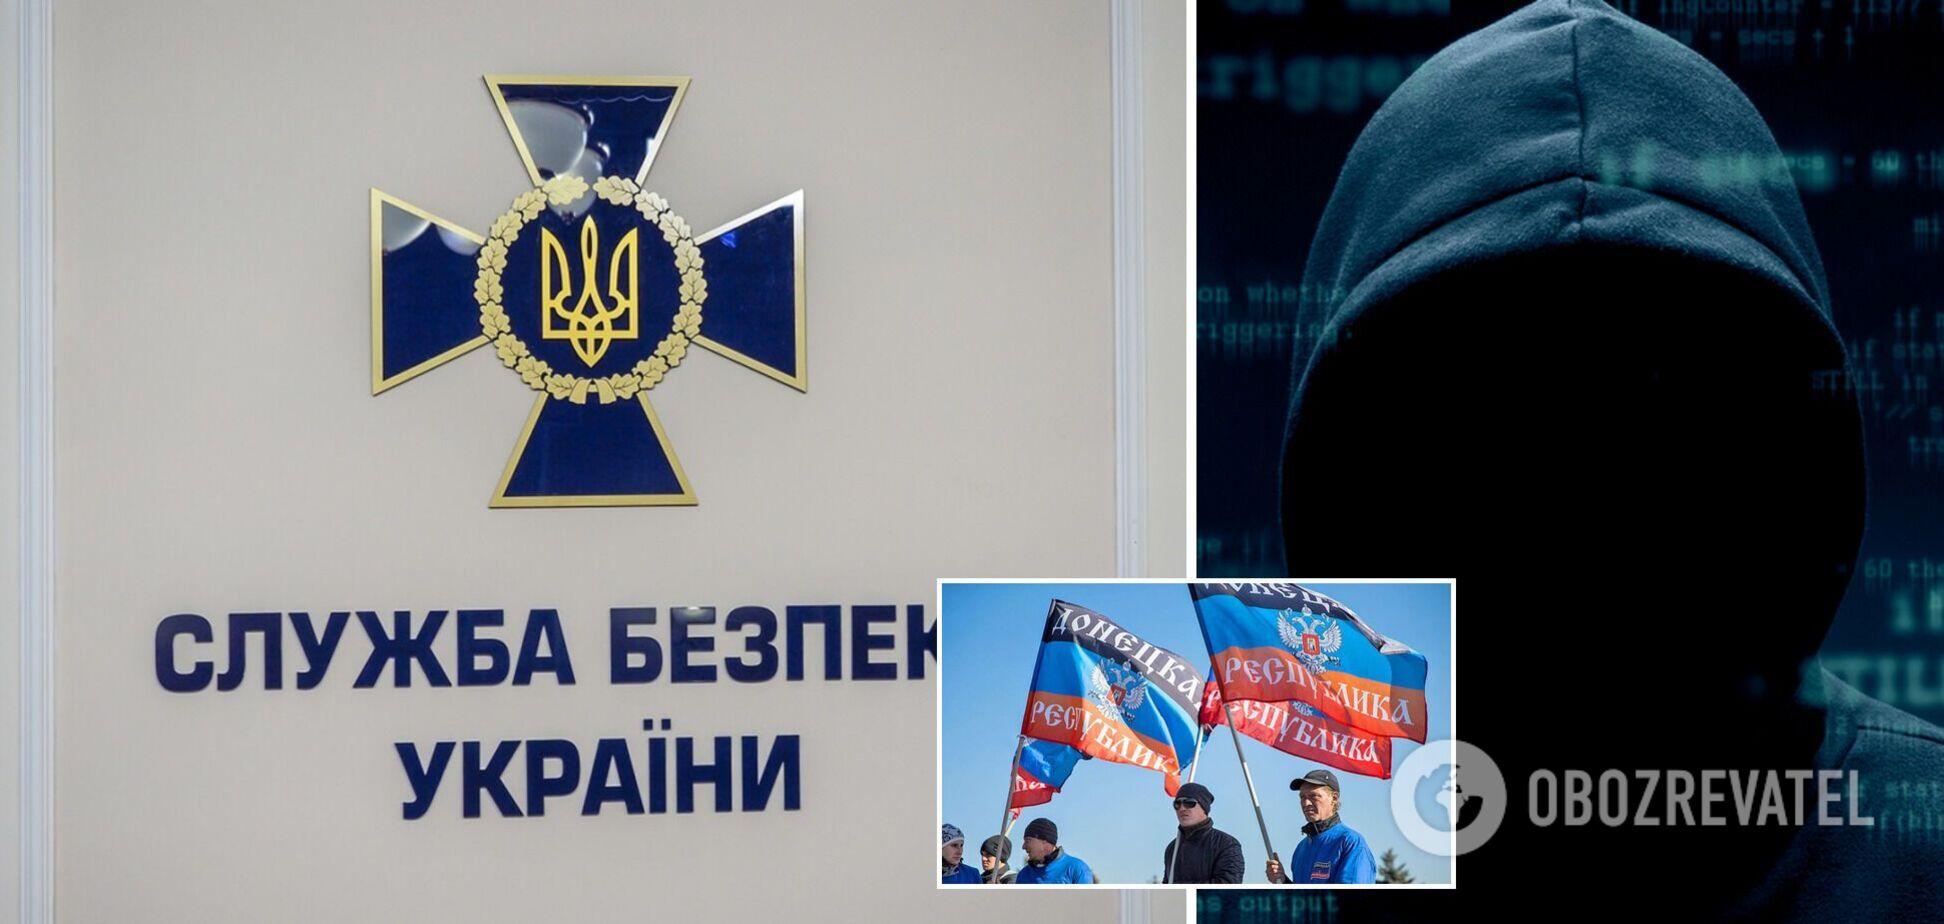 СБУ разоблачила сеть российских агентов, подстрекающих в сети к агрессивной войне